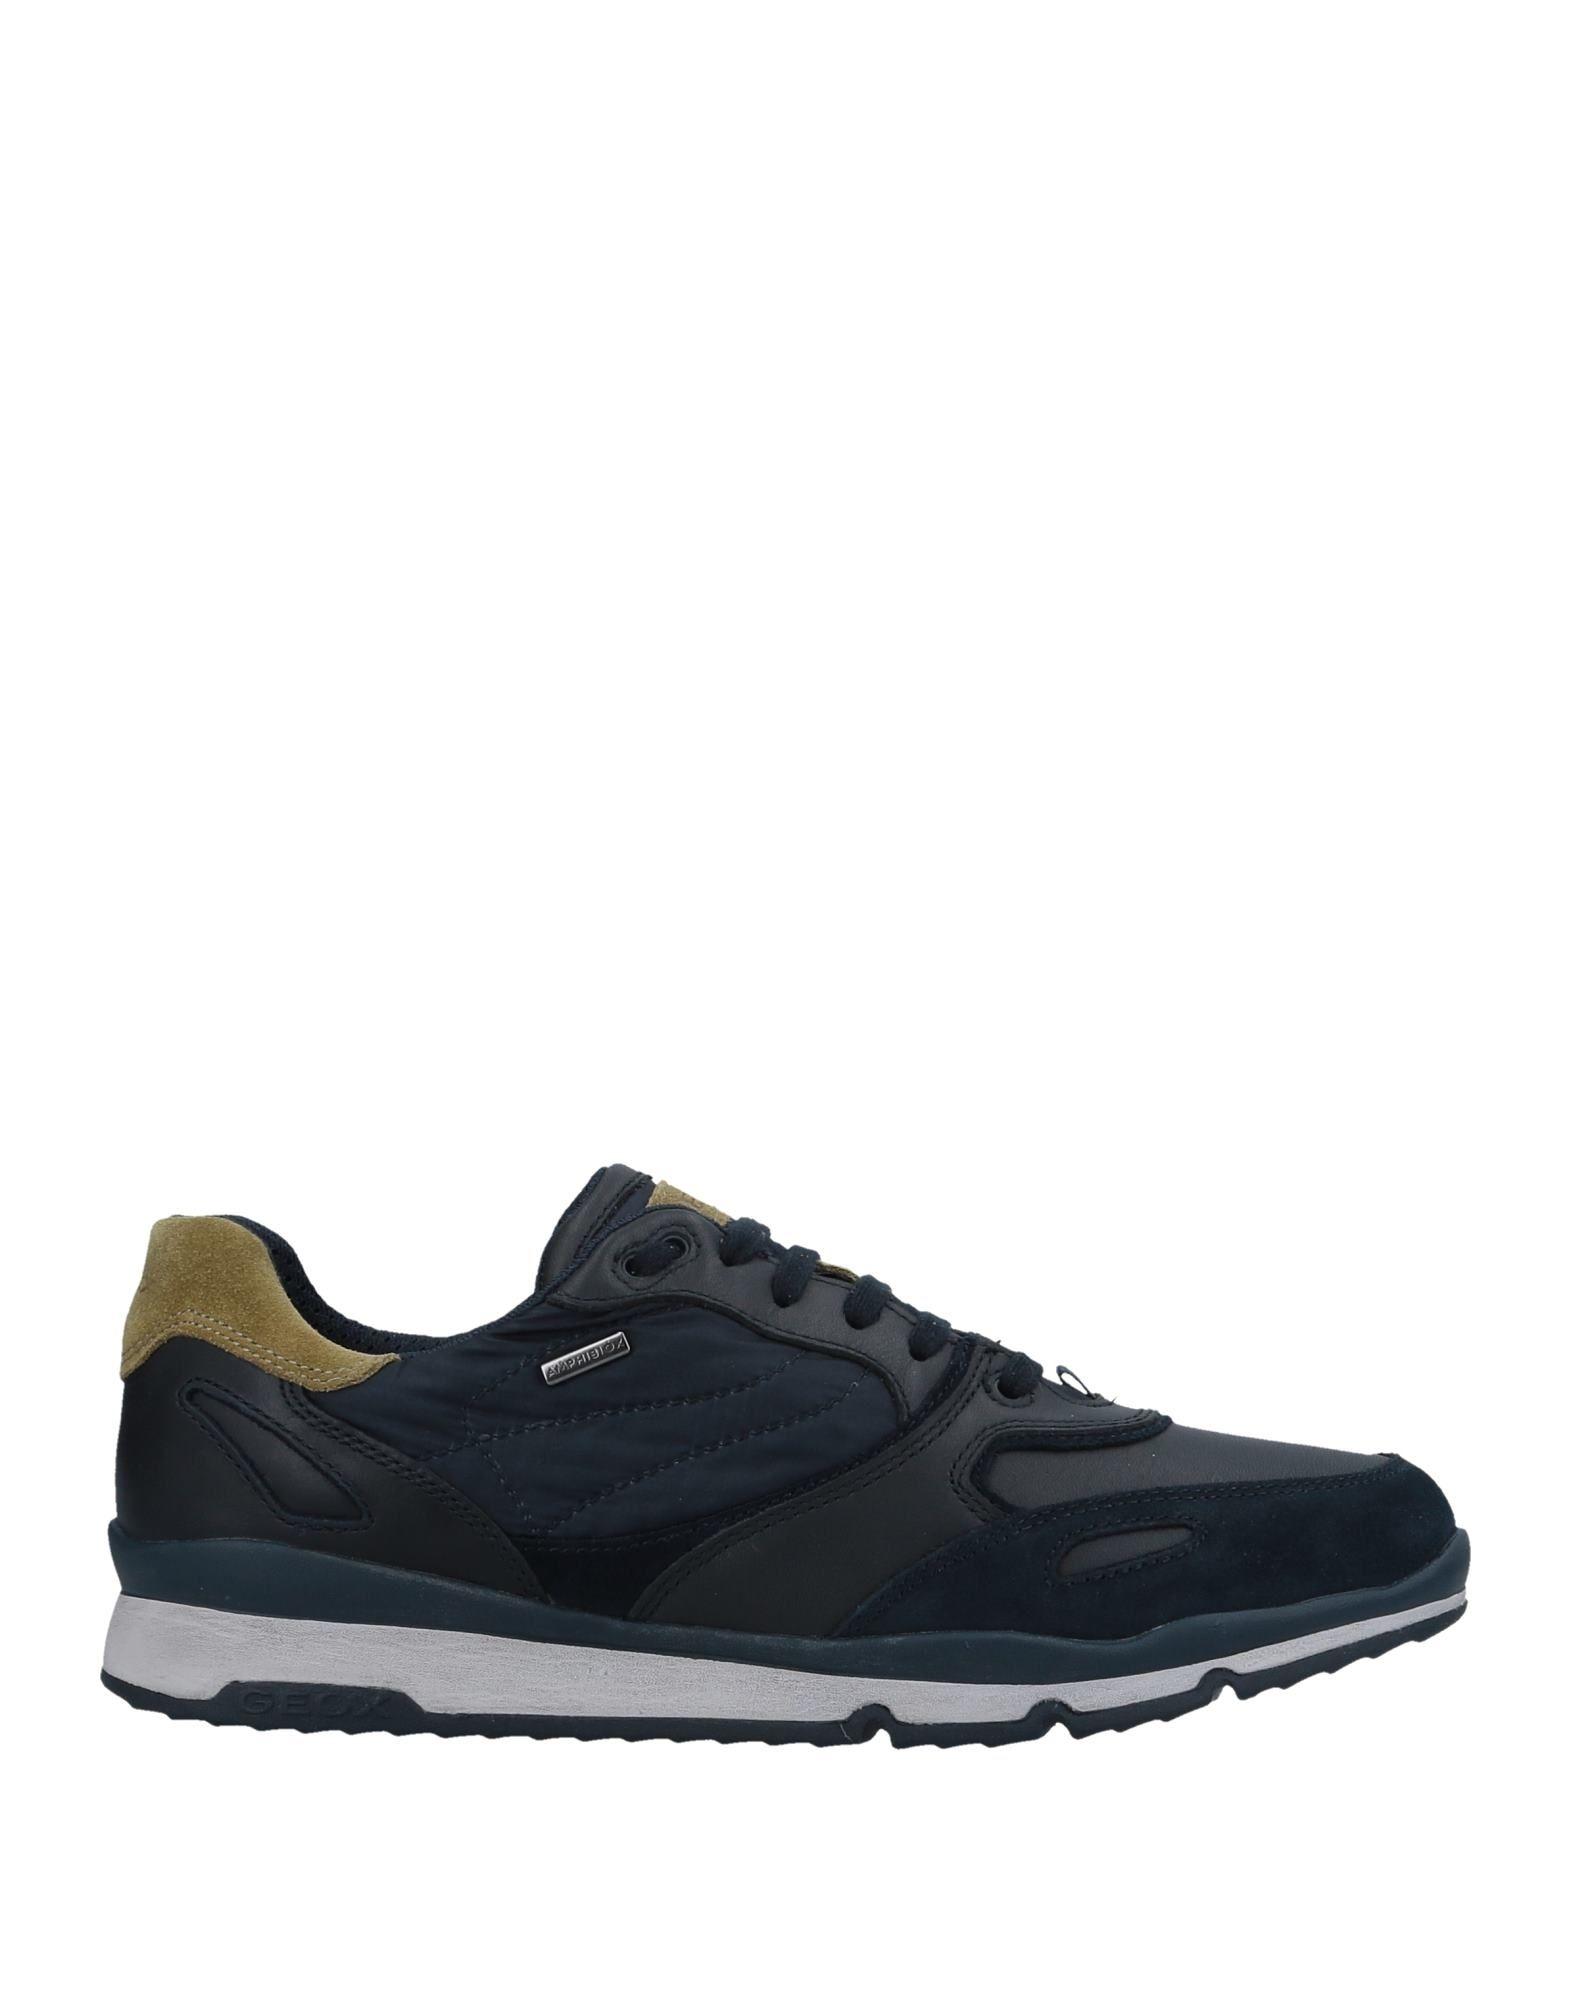 Rabatt echte Schuhe Geox Sneakers Herren  11503366VN